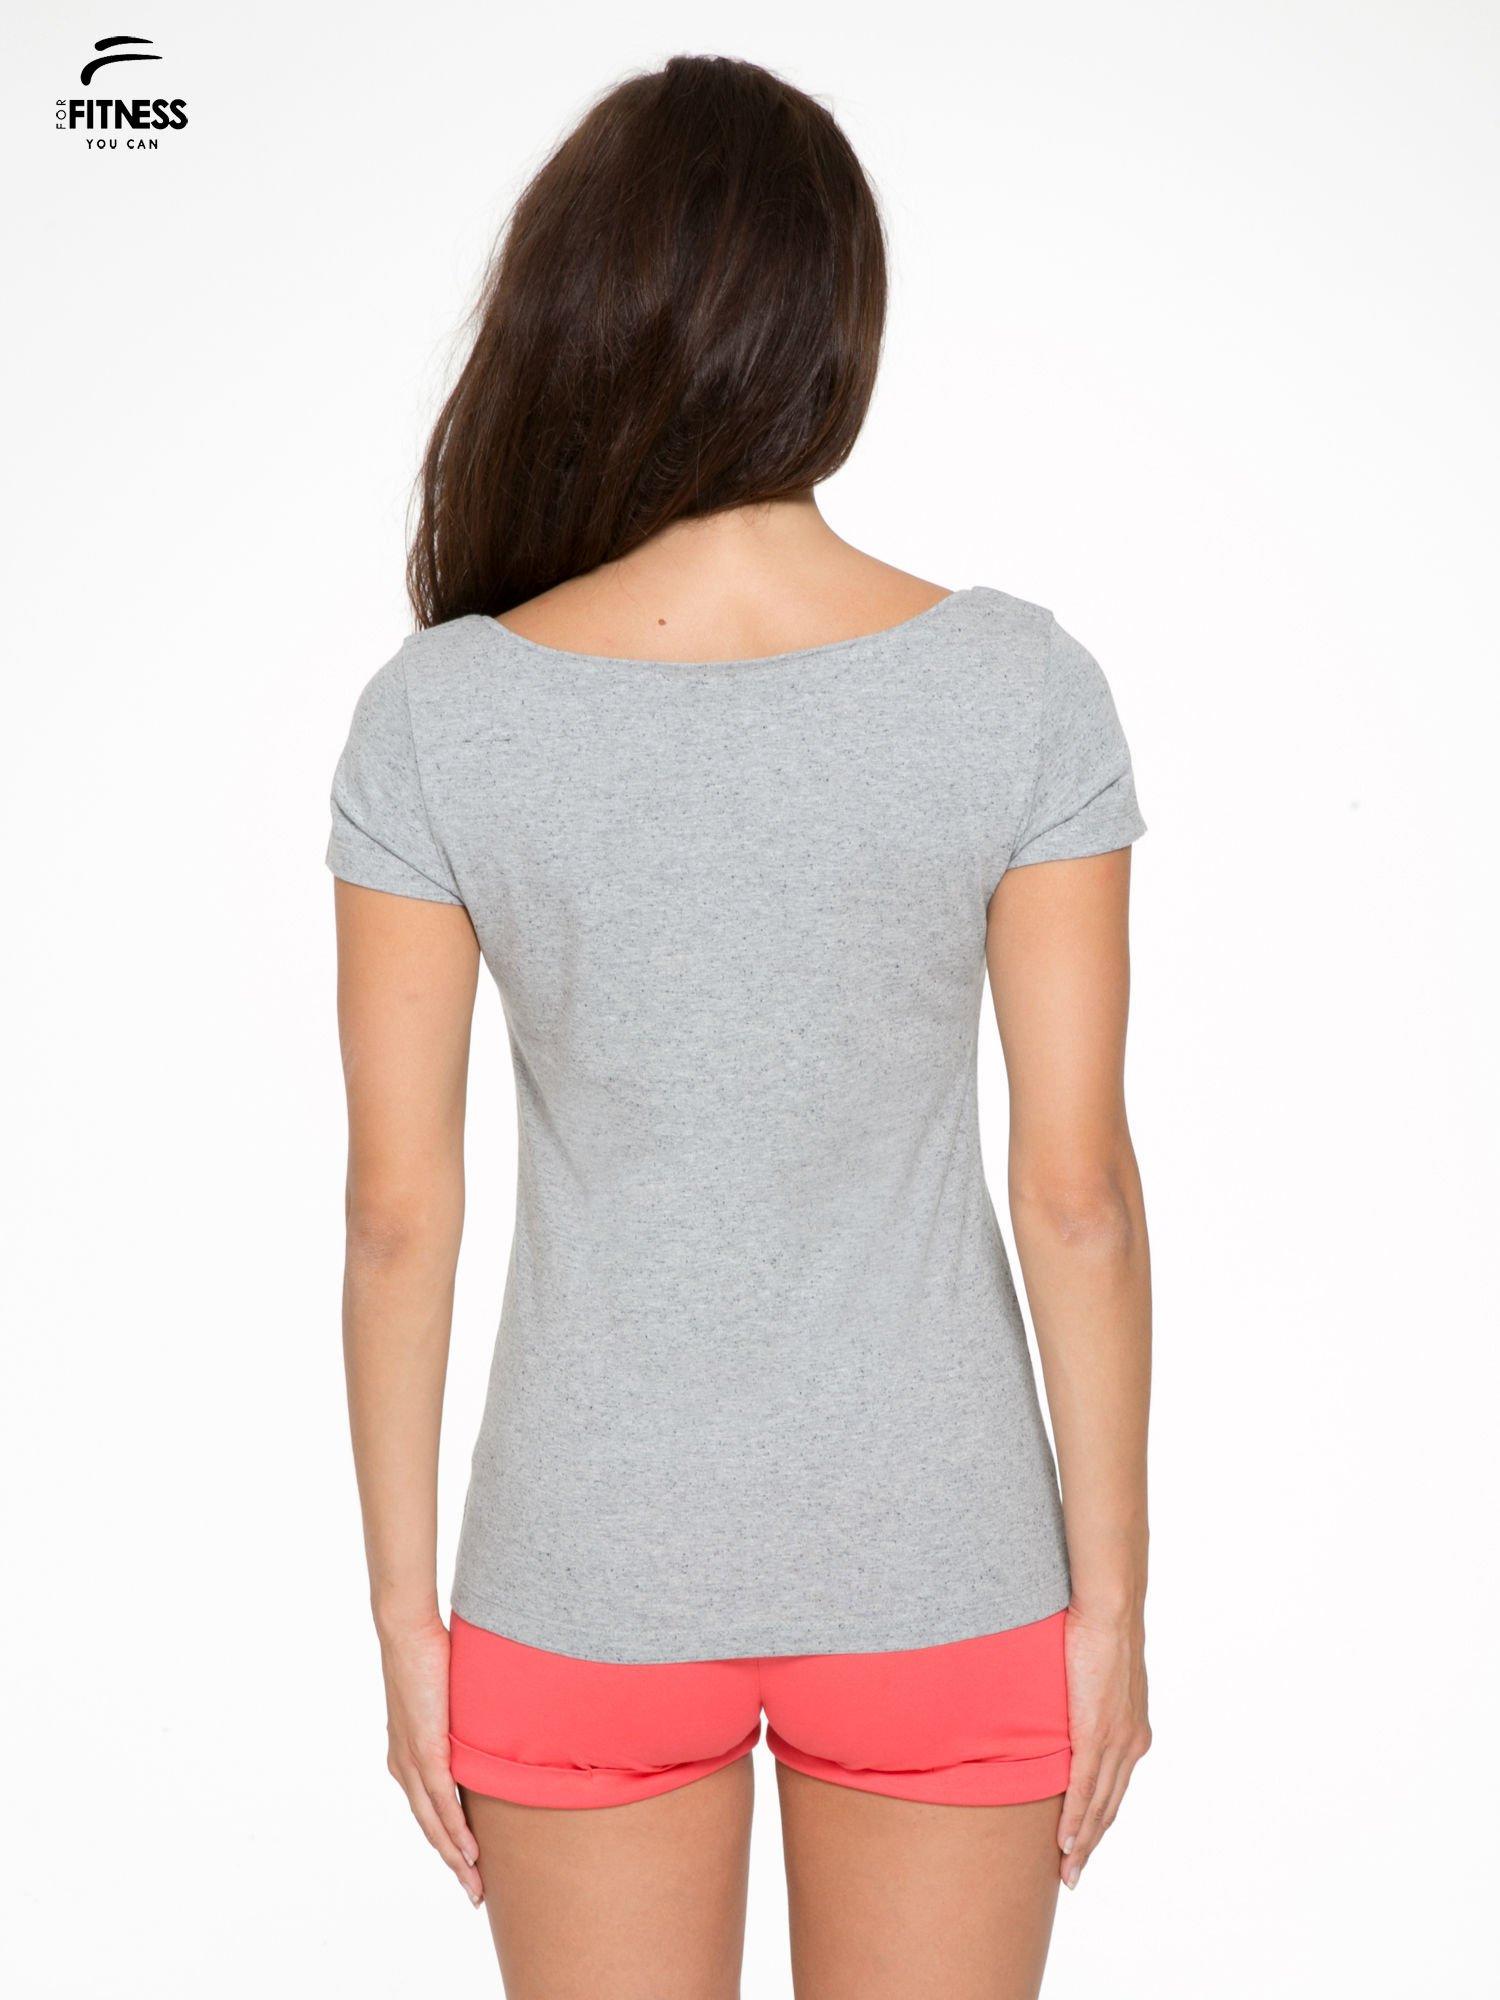 Szary bawełniany t-shirt z nadrukiem tekstowym WAKE UP WORK OUT                                  zdj.                                  4